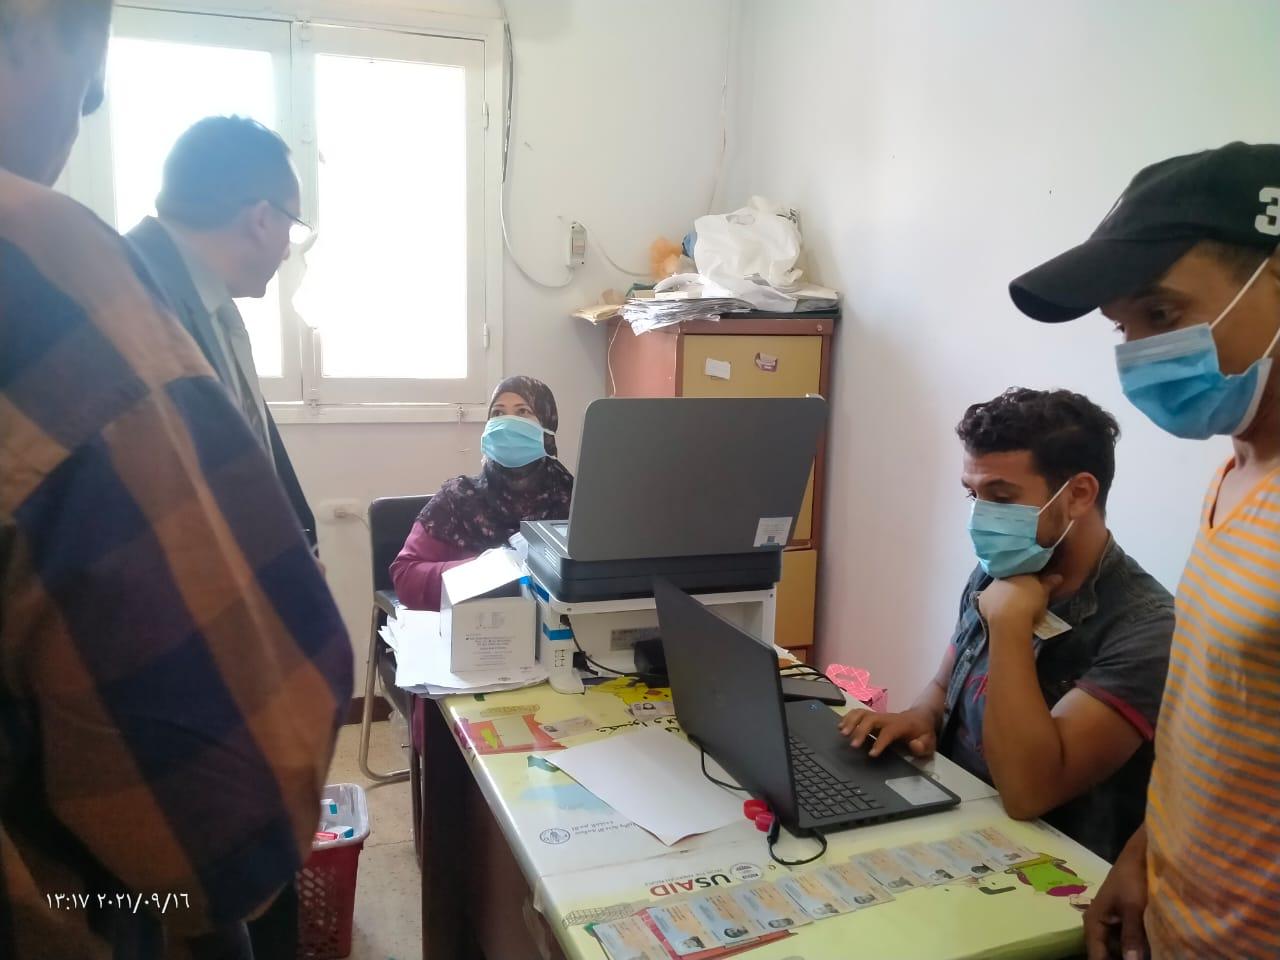 مدير الطب البيطرى بالأقصر يتابع تطعيمات كورونا للعاملين بالإدارات.. صور